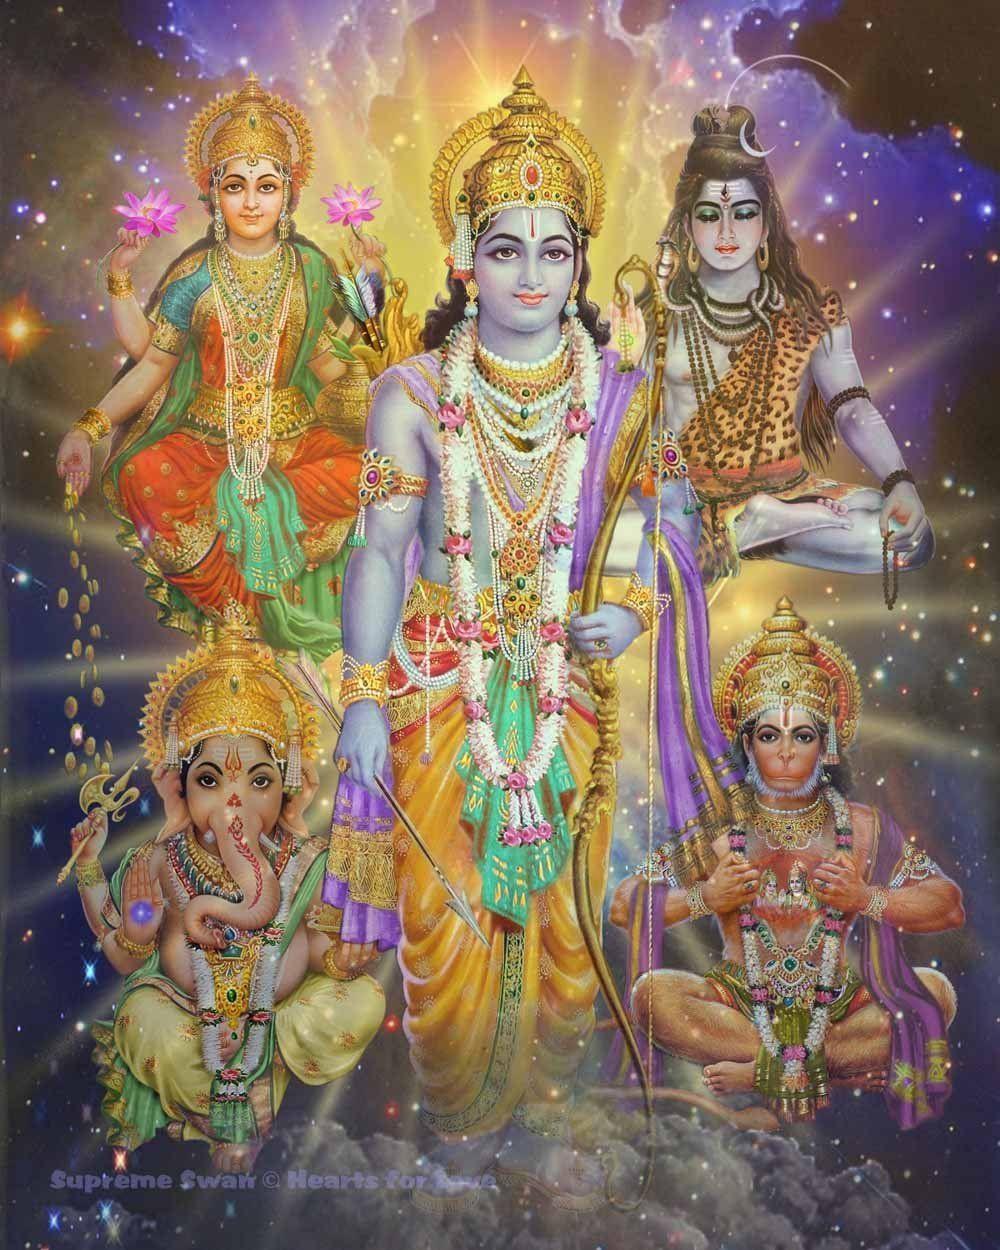 Sanskrit Of The Vedas Vs Modern Sanskrit: A Stunning Art Print Of Krishna, Shiva, Ganesha And